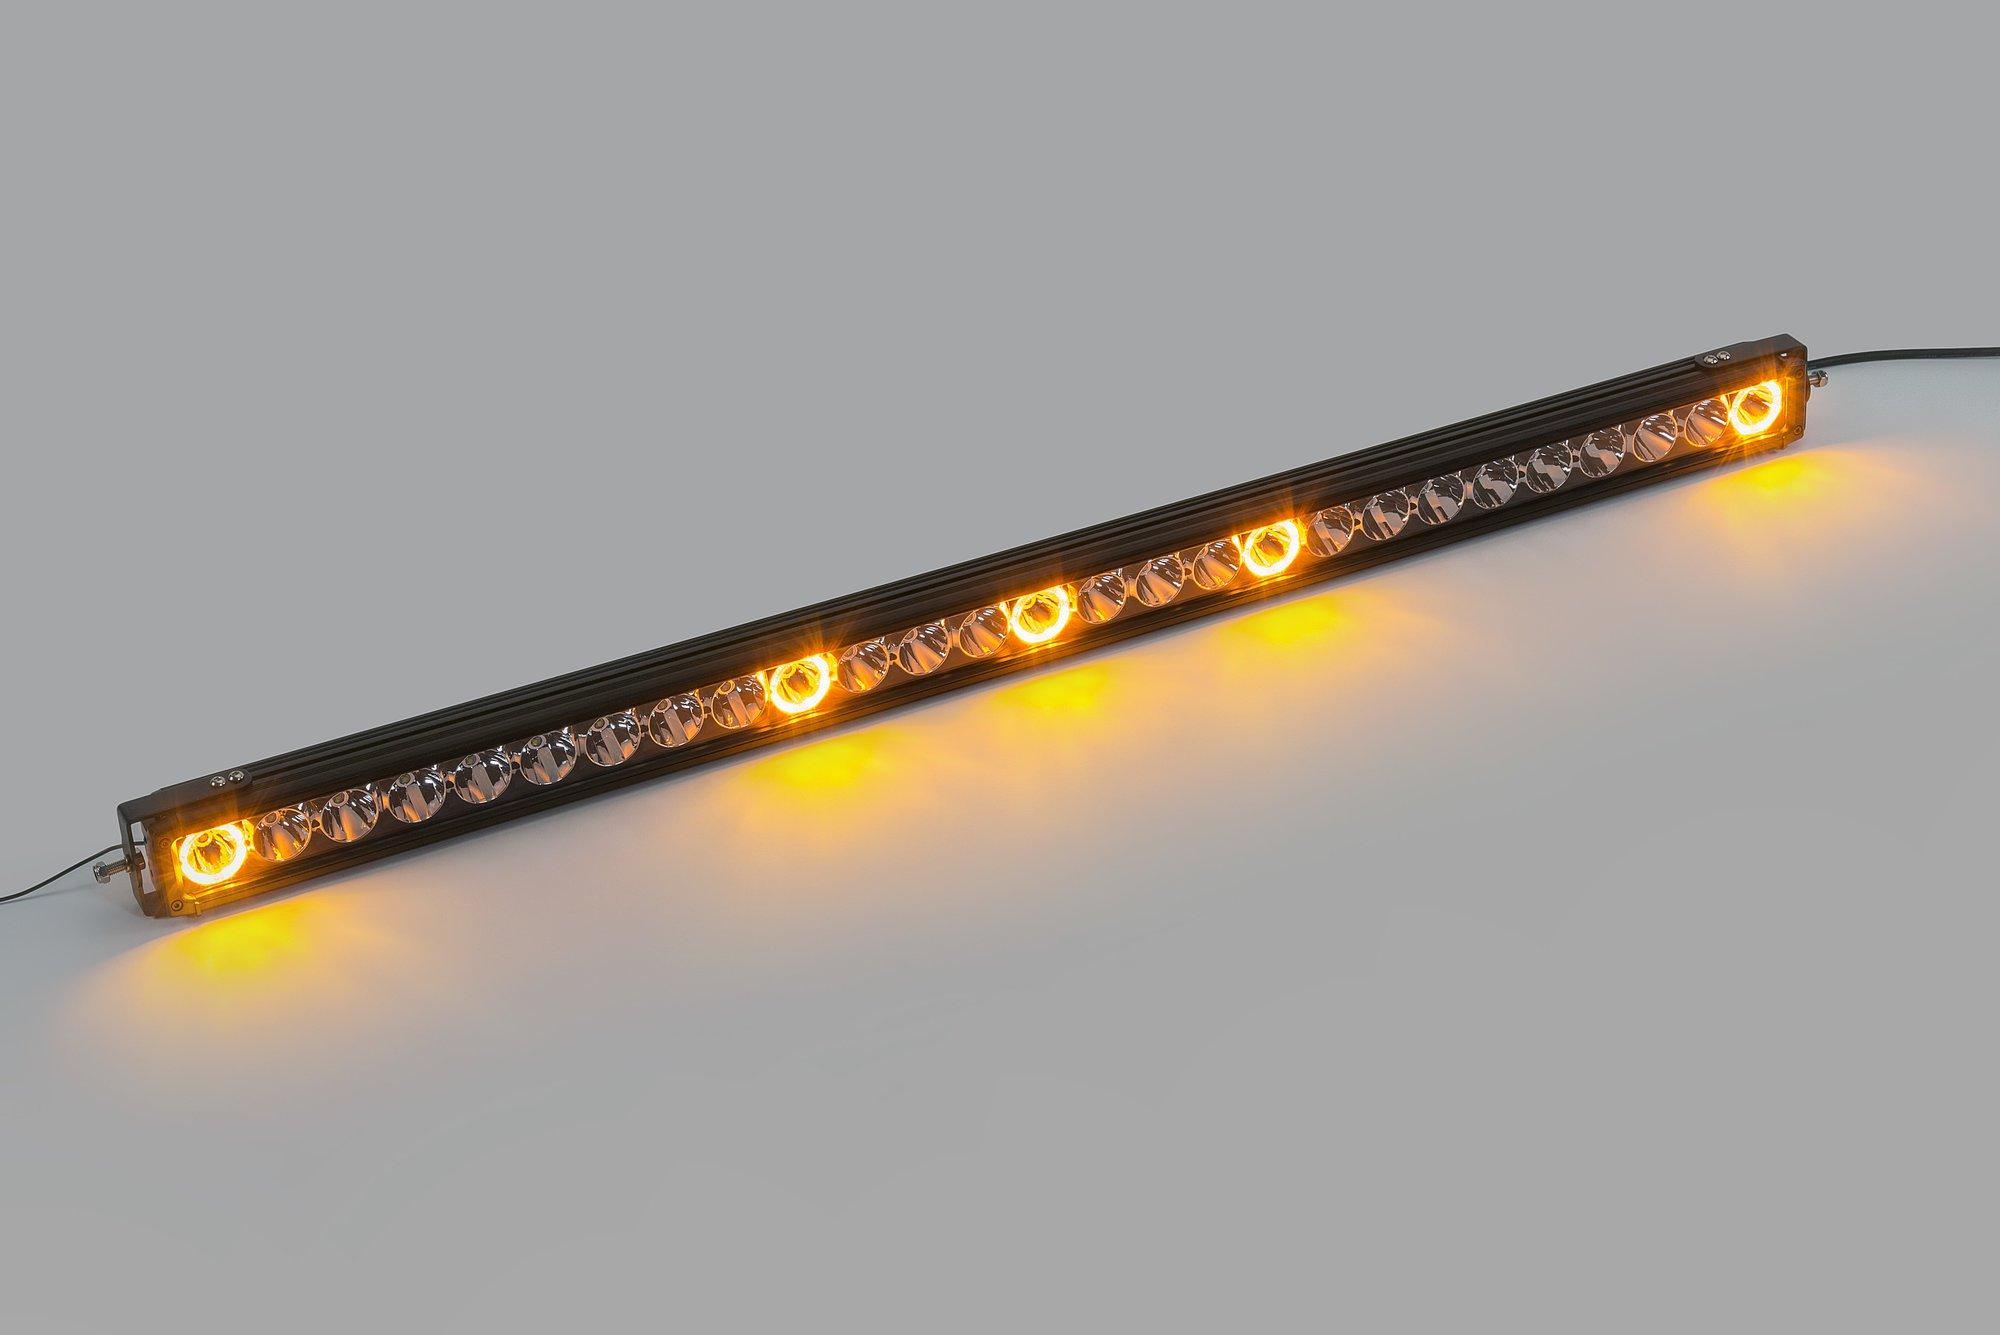 Quadratec J5 LED Light Bar with Amber Clearance Cab Lights   Quadratec